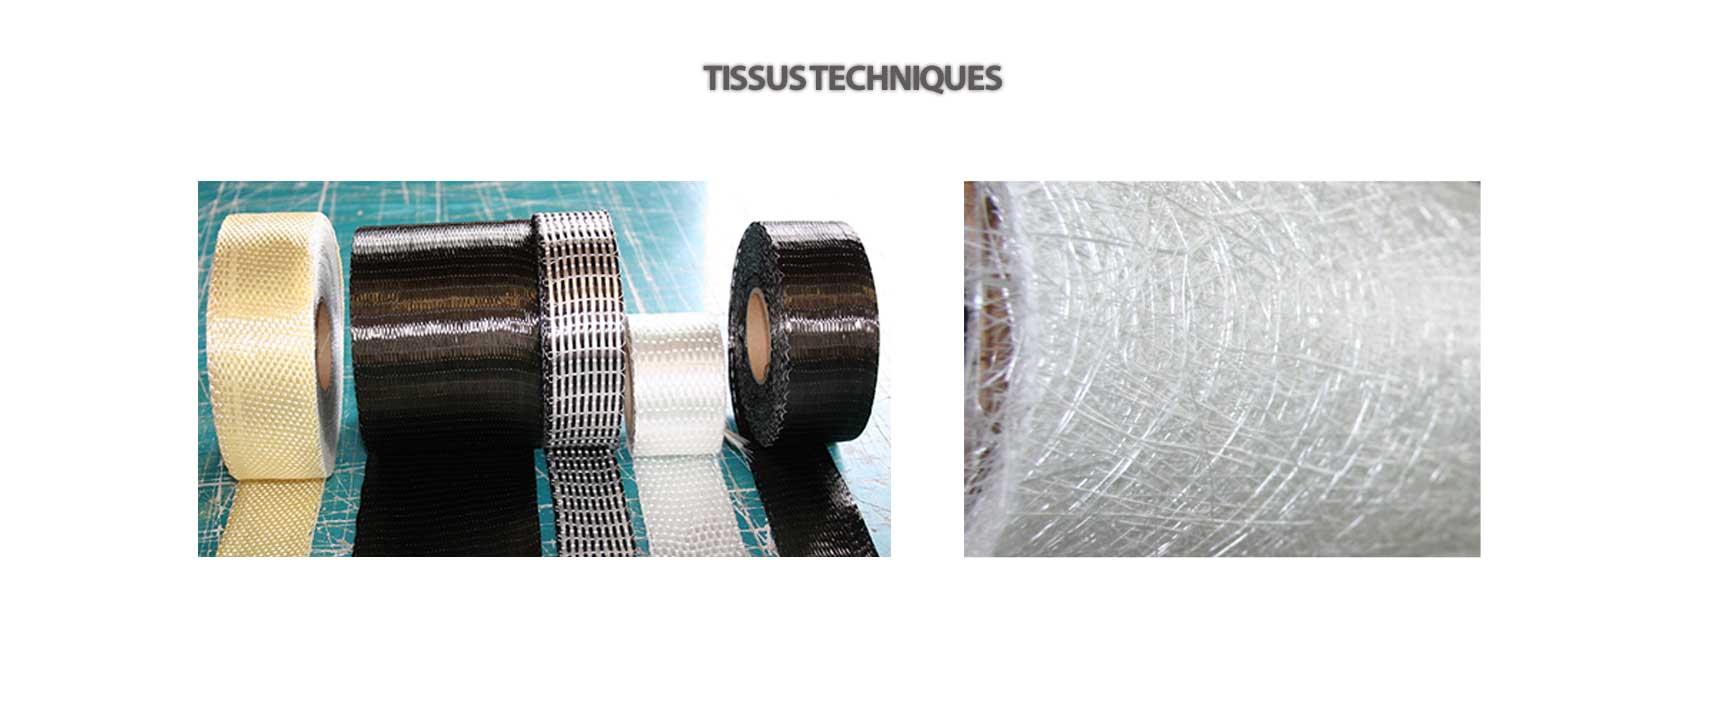 Tissus techniques